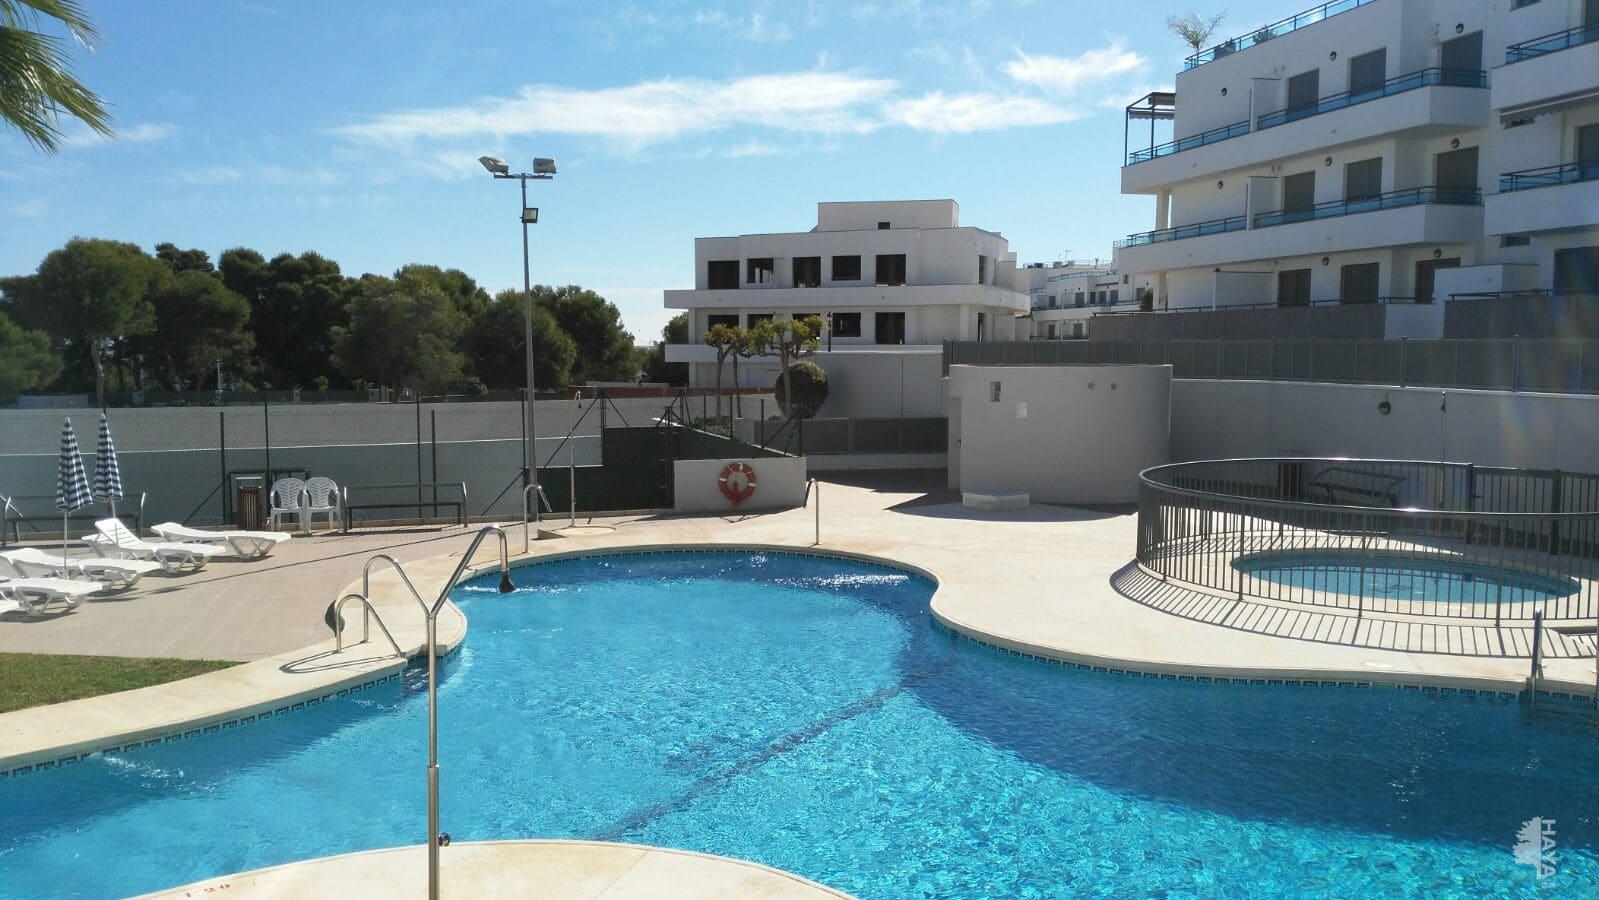 Piso en venta en Garrucha, Almería, Calle Murillo (pinar de Garrucha), B, 91.100 €, 2 habitaciones, 2 baños, 78 m2